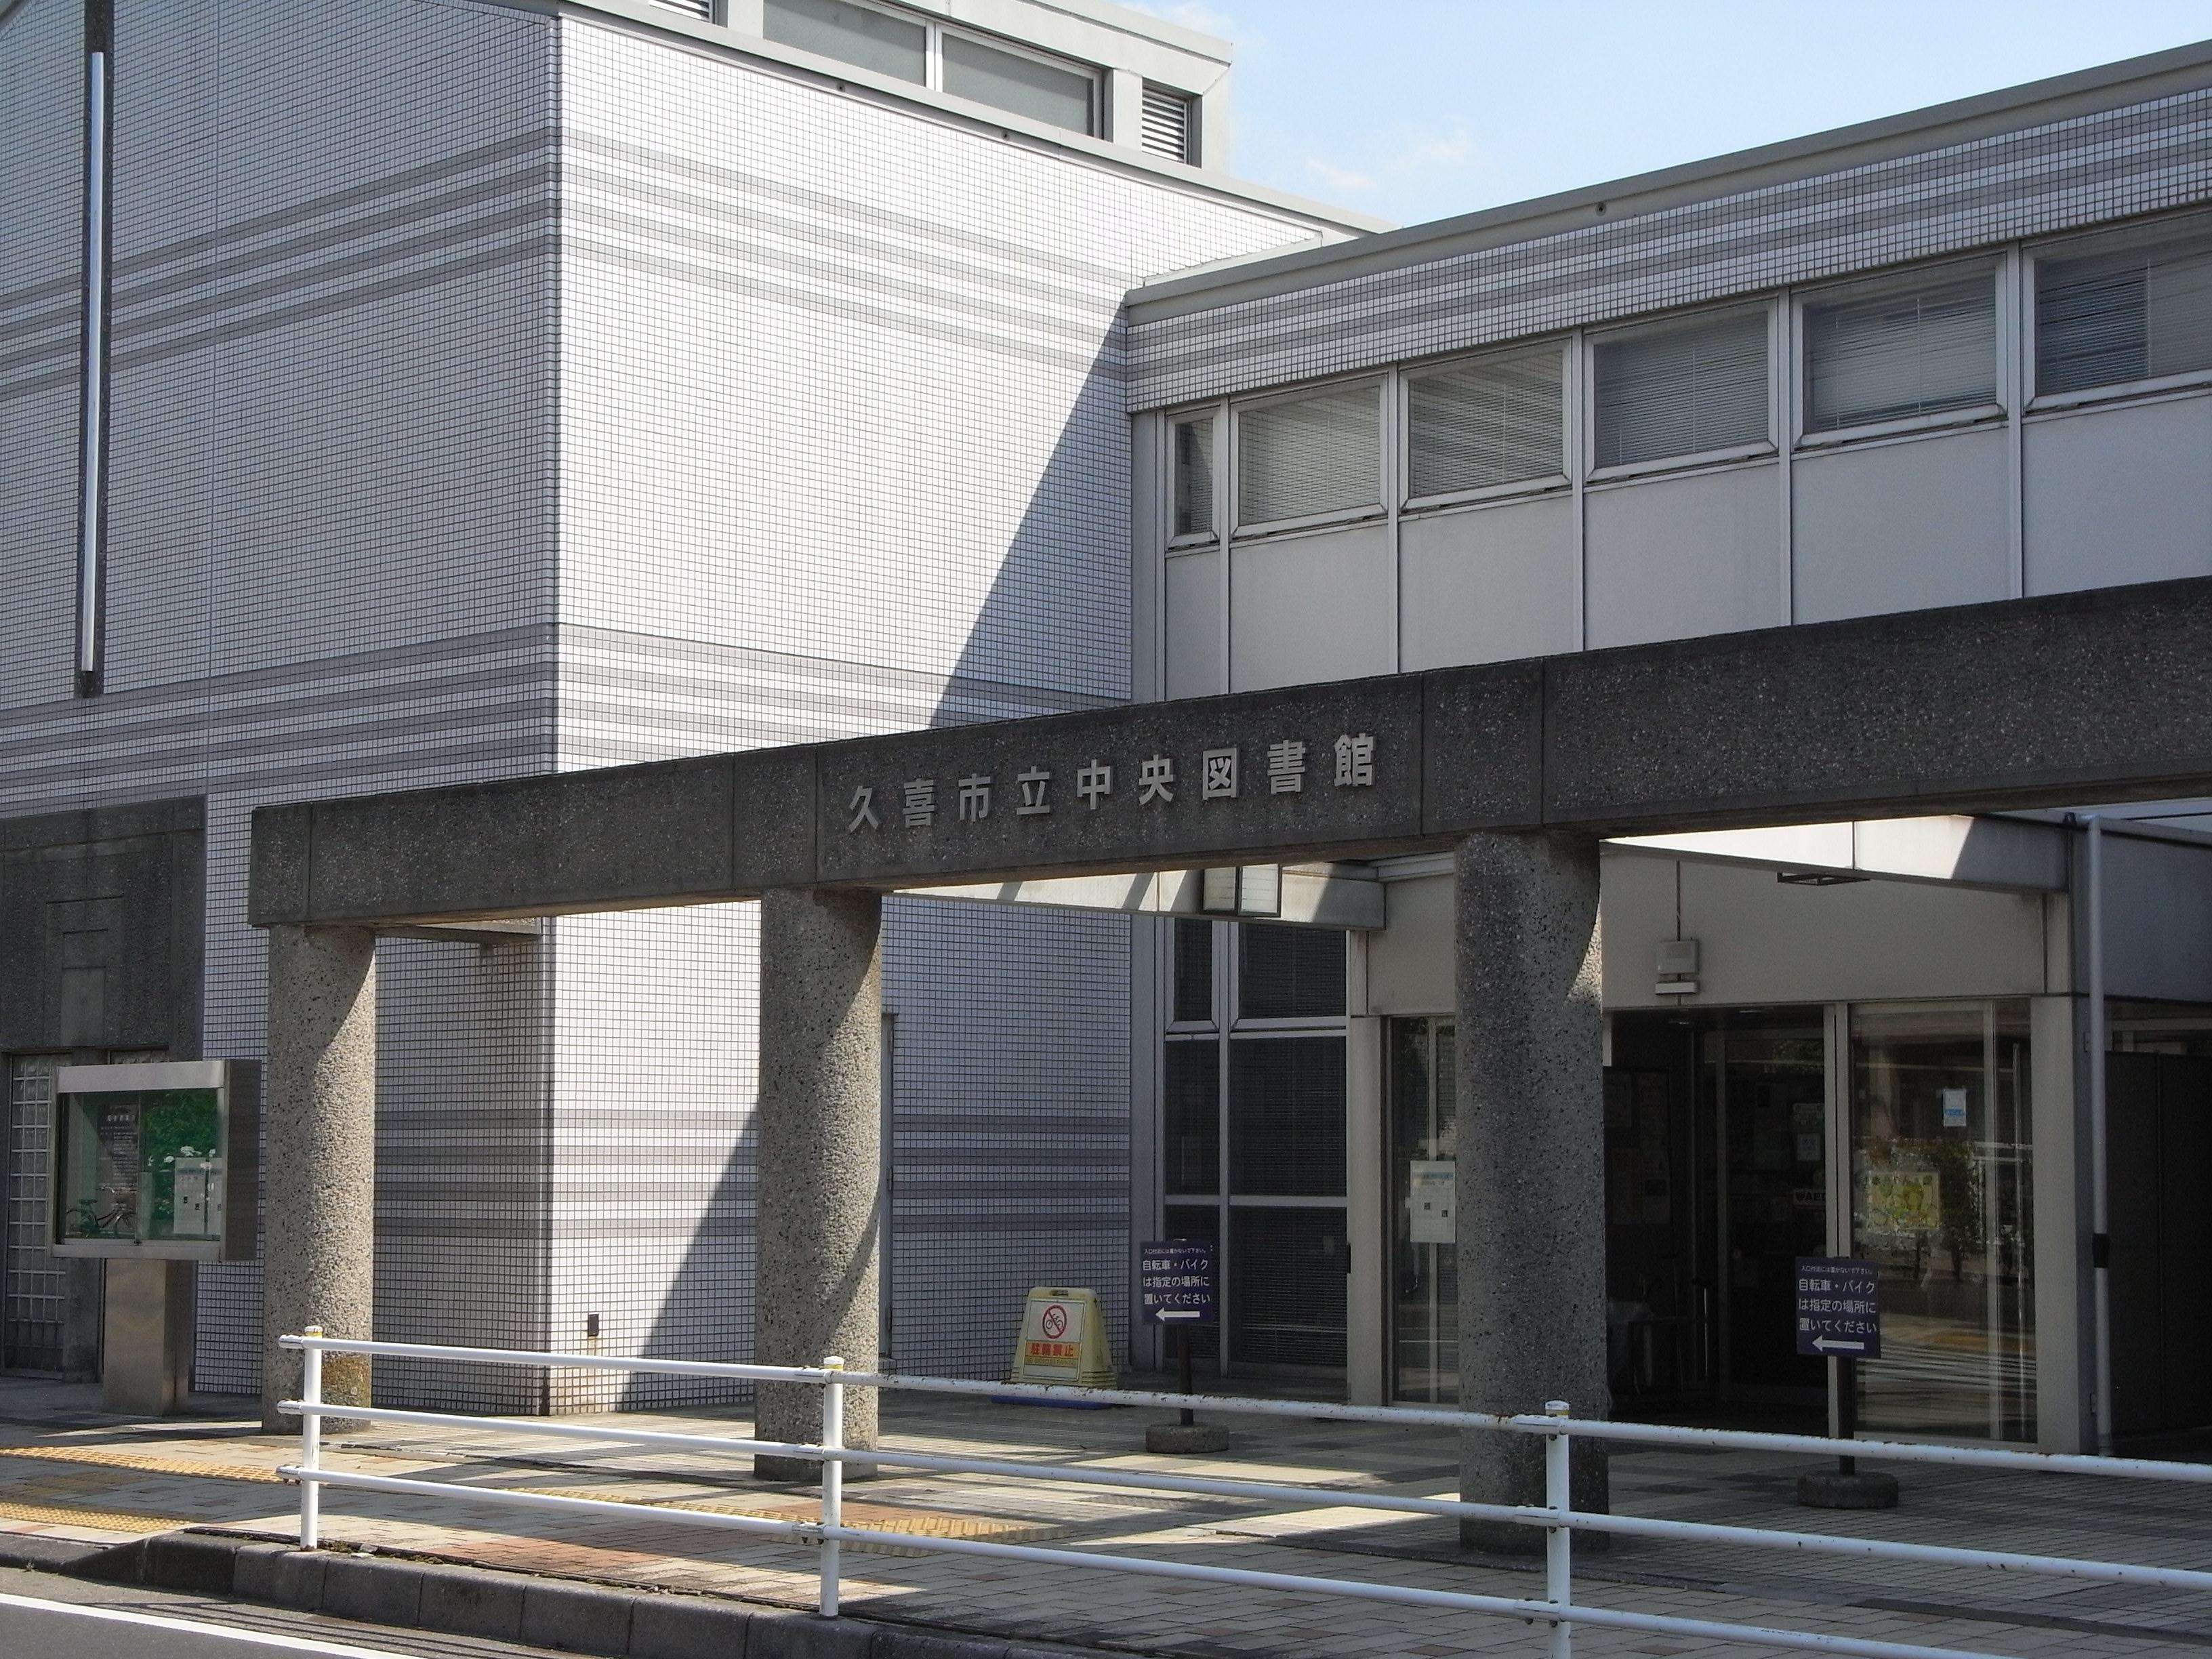 中央図書館 | 久喜市立図書館